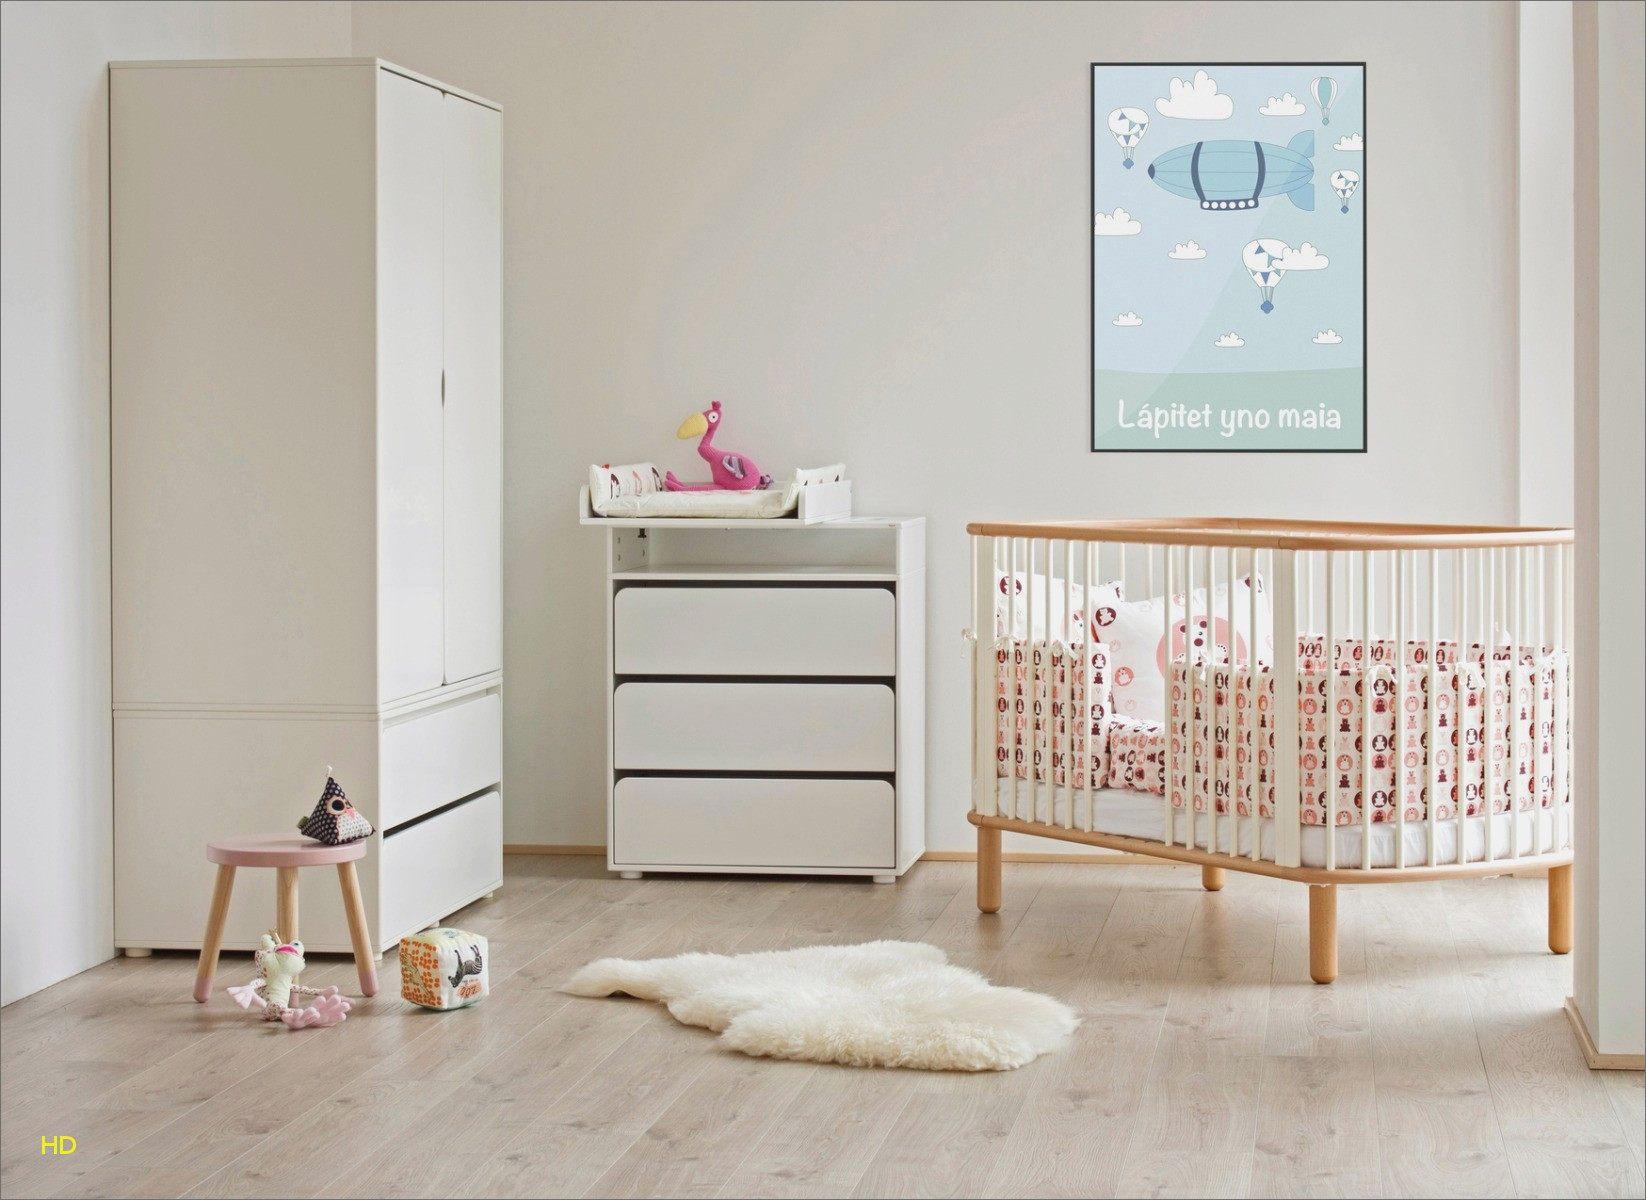 Lit Superposé Pour Enfant De Luxe Séduisant Chambre Enfant Lit Superposé Ou 14 Unique Rideau Lit